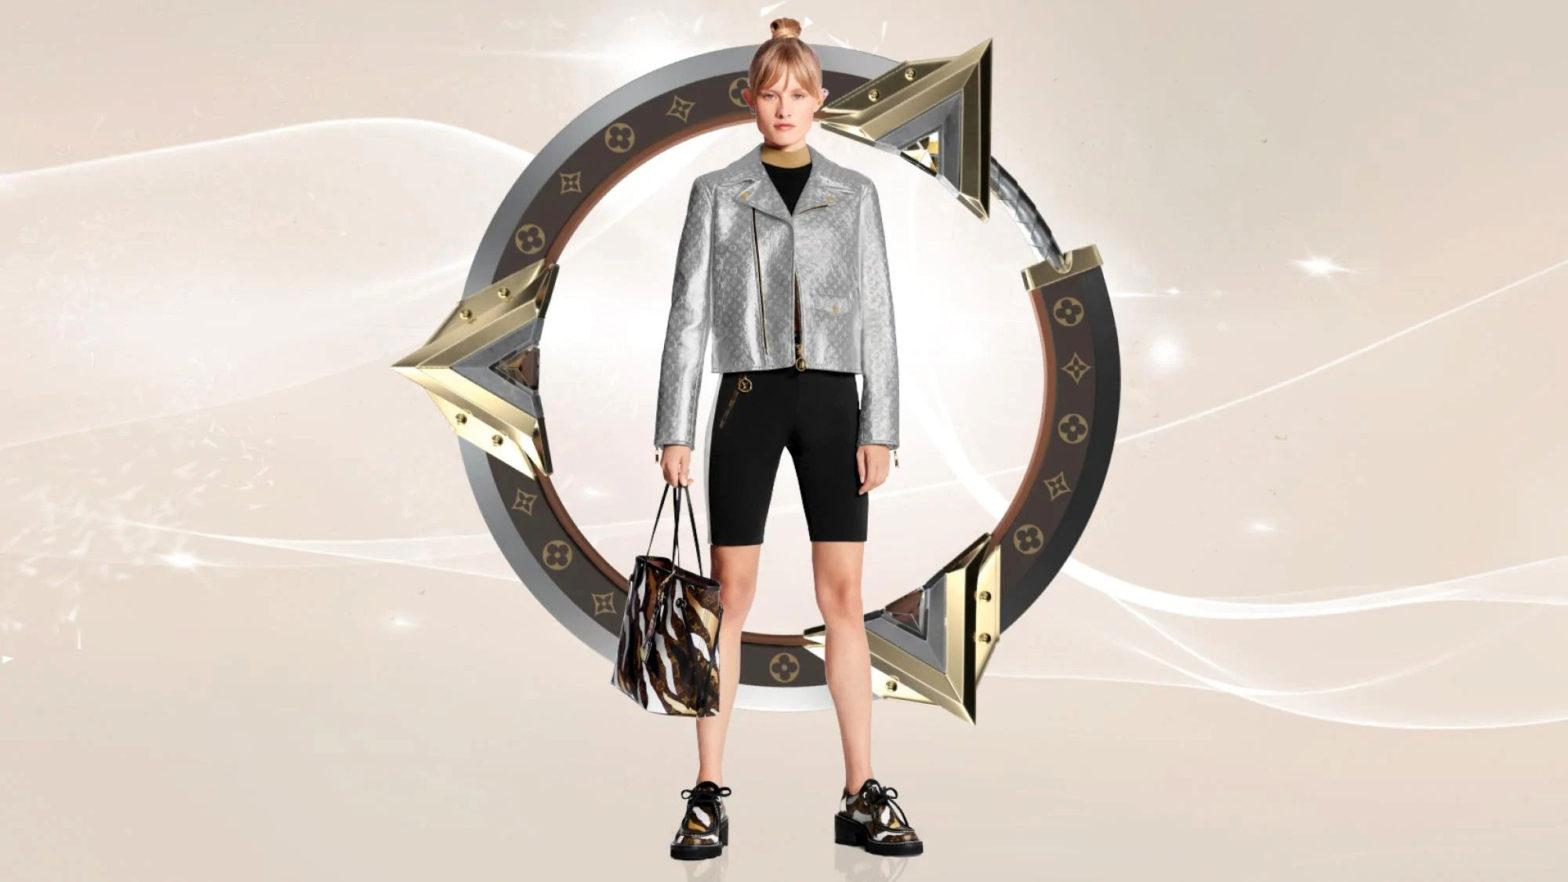 Louis Vuitton x League of Legends Collection